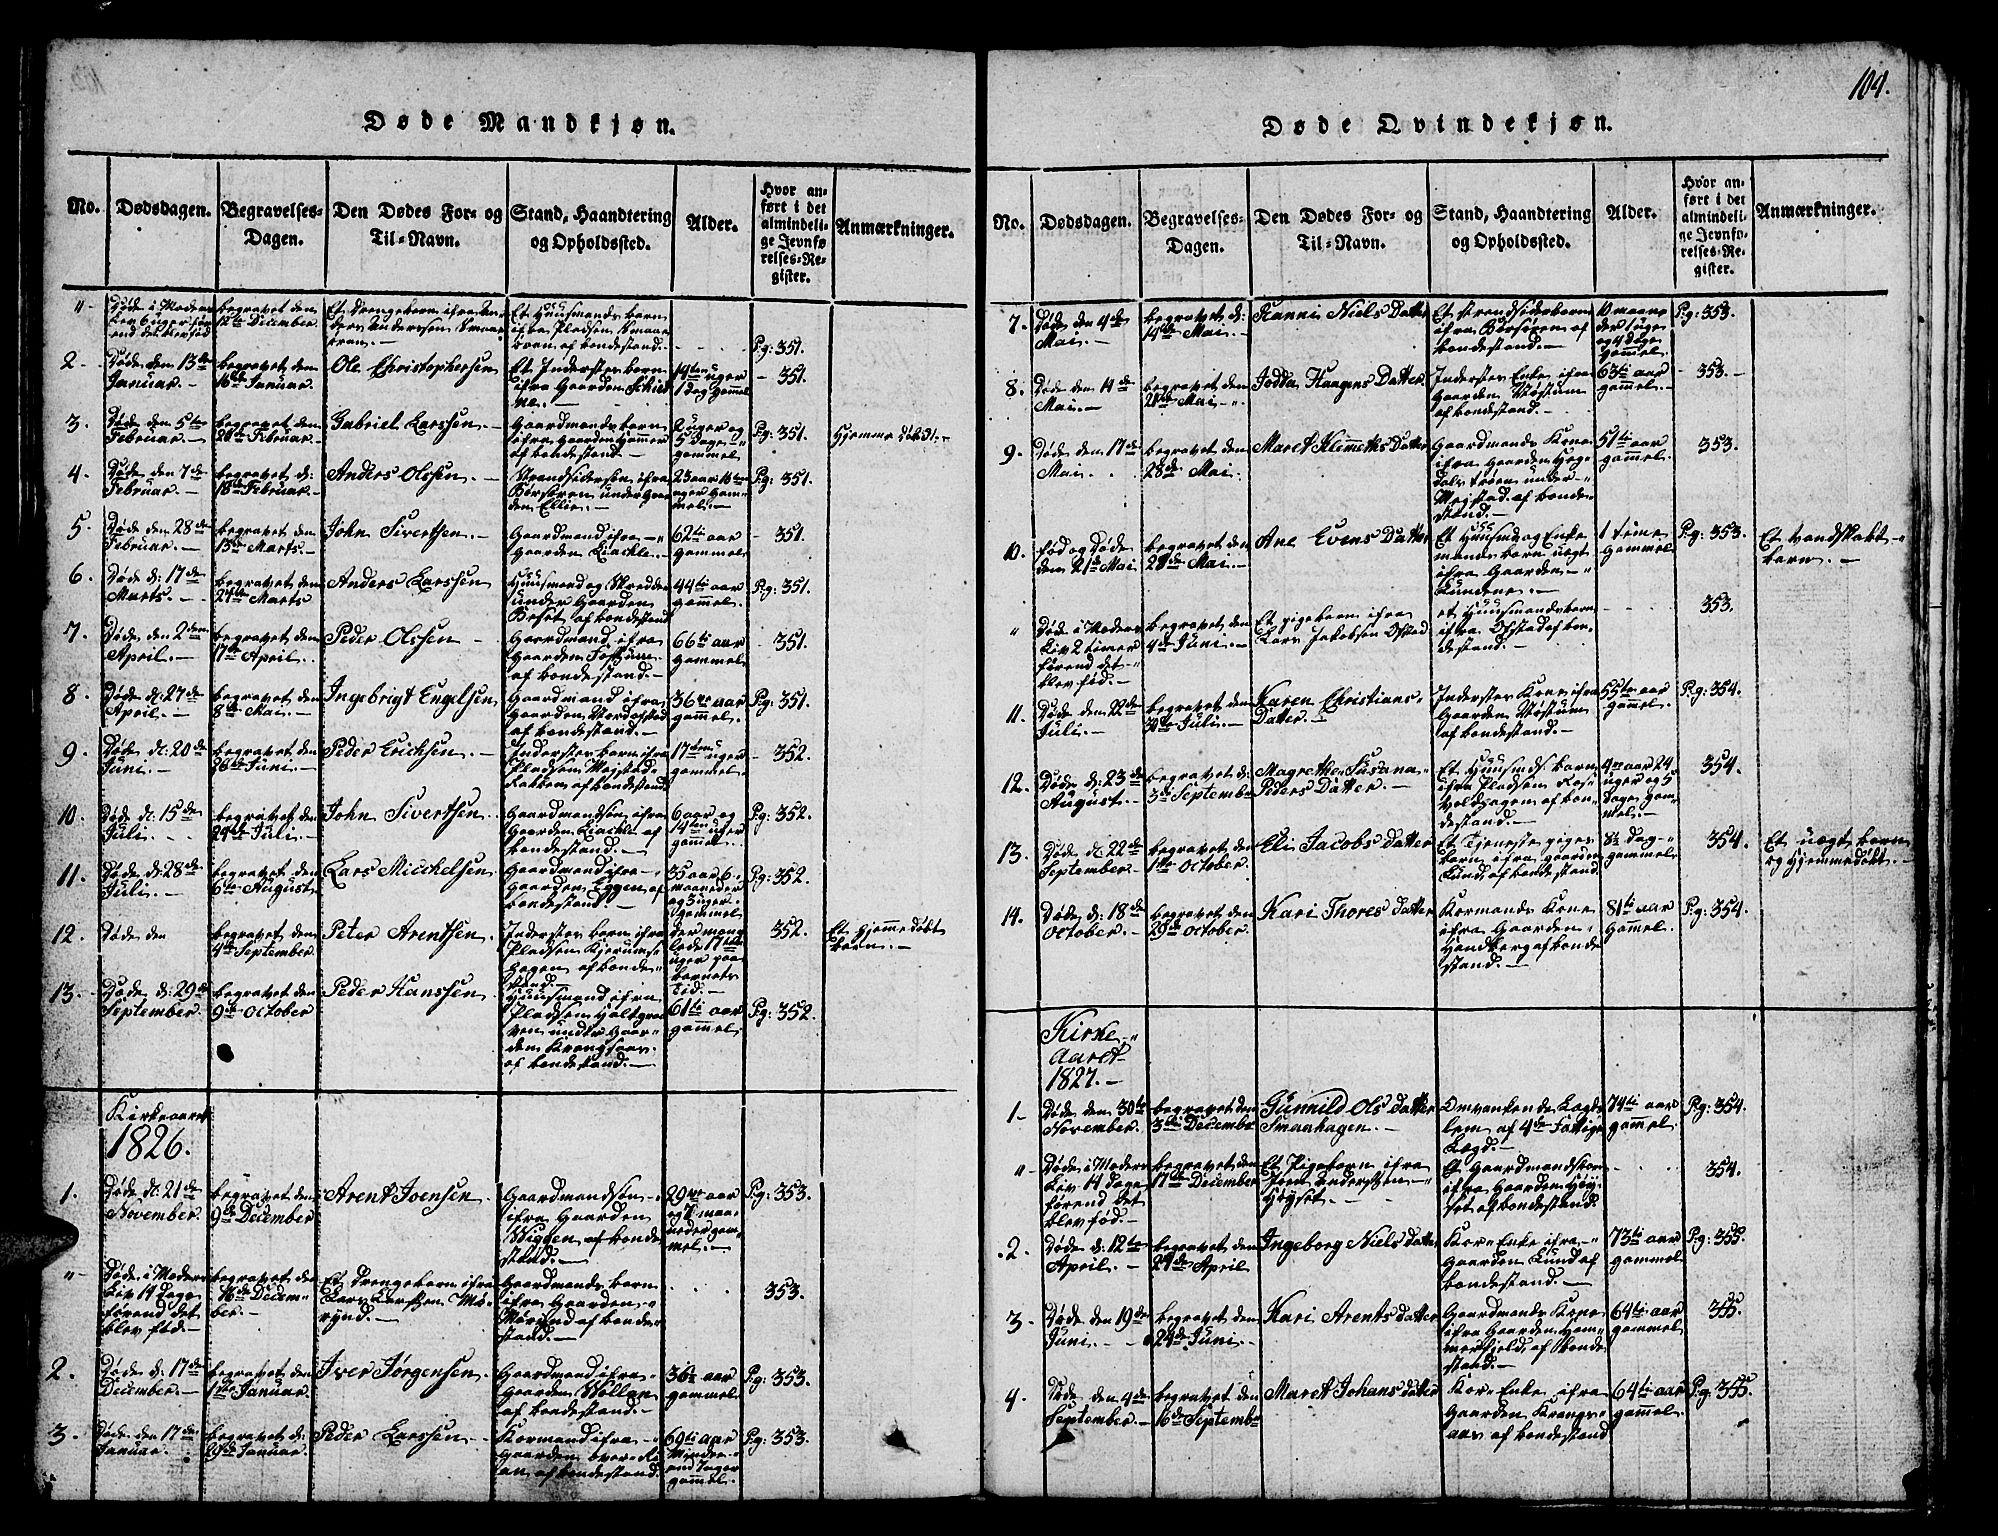 SAT, Ministerialprotokoller, klokkerbøker og fødselsregistre - Sør-Trøndelag, 665/L0776: Klokkerbok nr. 665C01, 1817-1837, s. 104